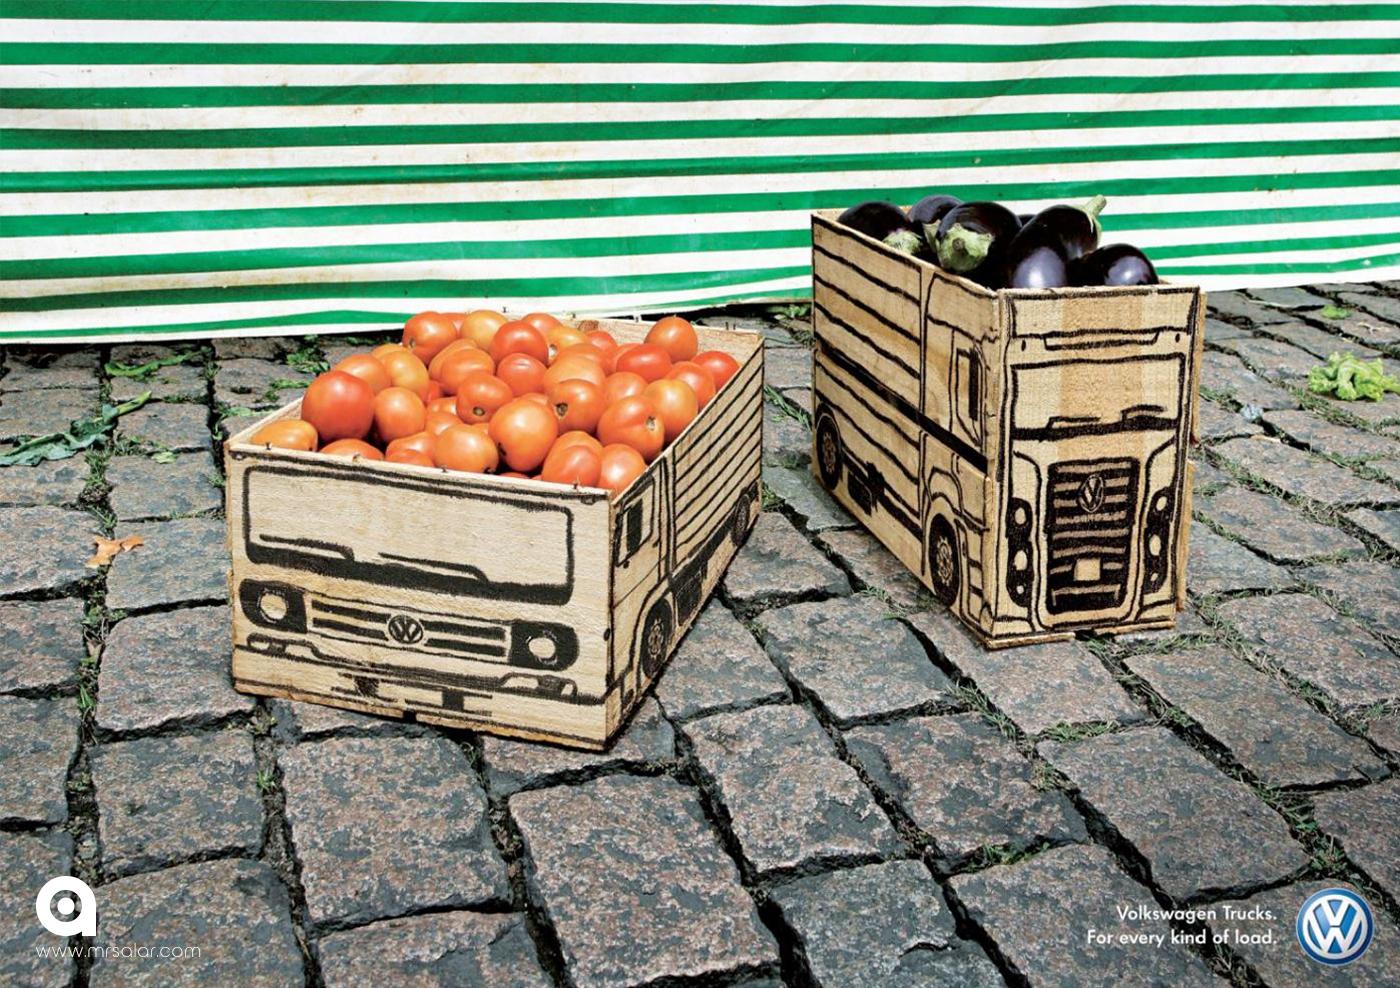 تصویر تبلیغاتی فولکس واگن: سبزیجات